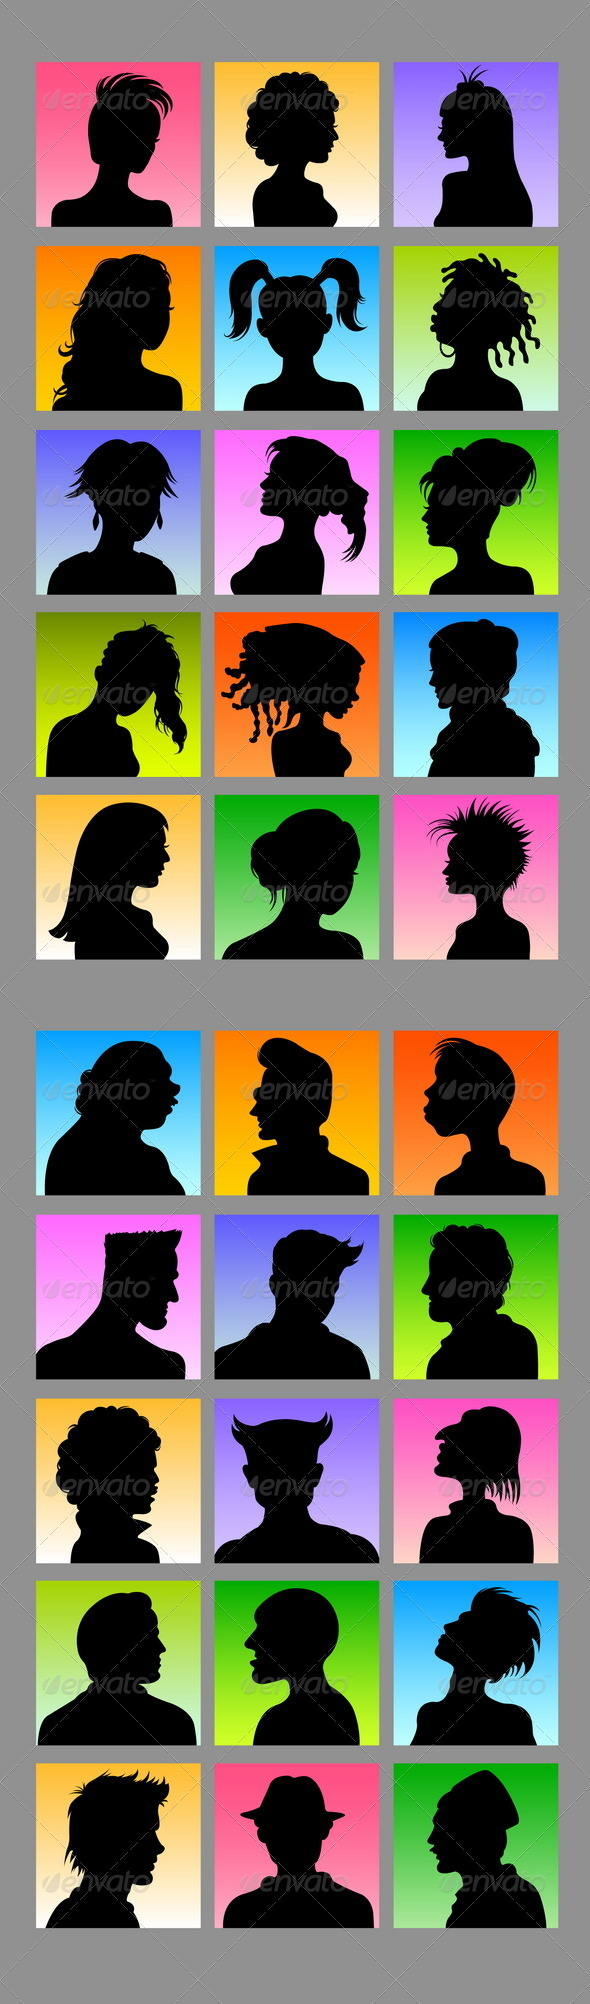 GraphicRiver Avatars 30 Female & Male Silhouettes 4092013